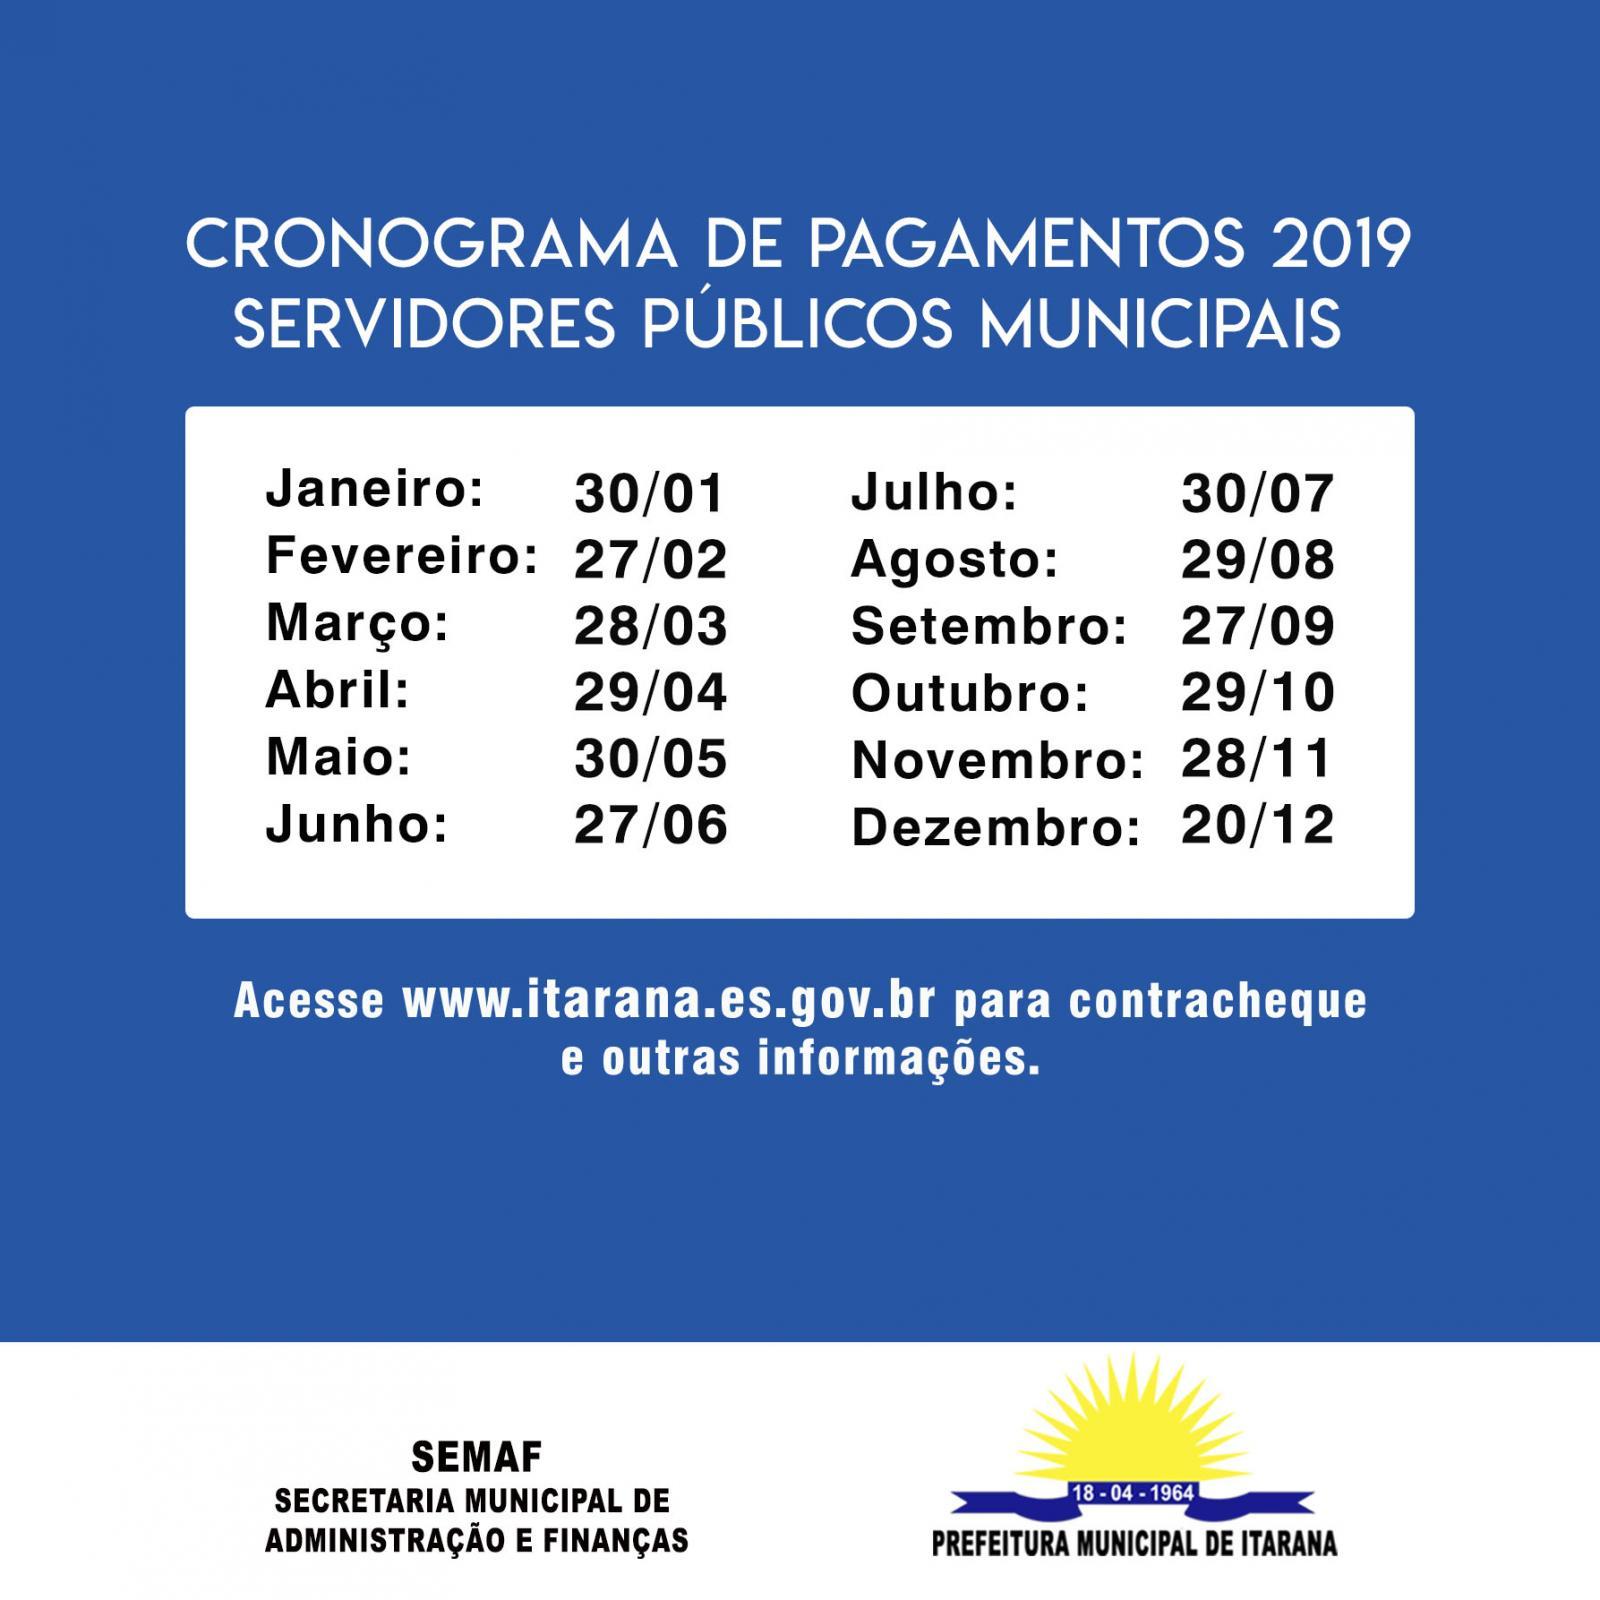 Prefeitura de Itarana divulga Cronograma de Pagamentos dos Servidores para 2019